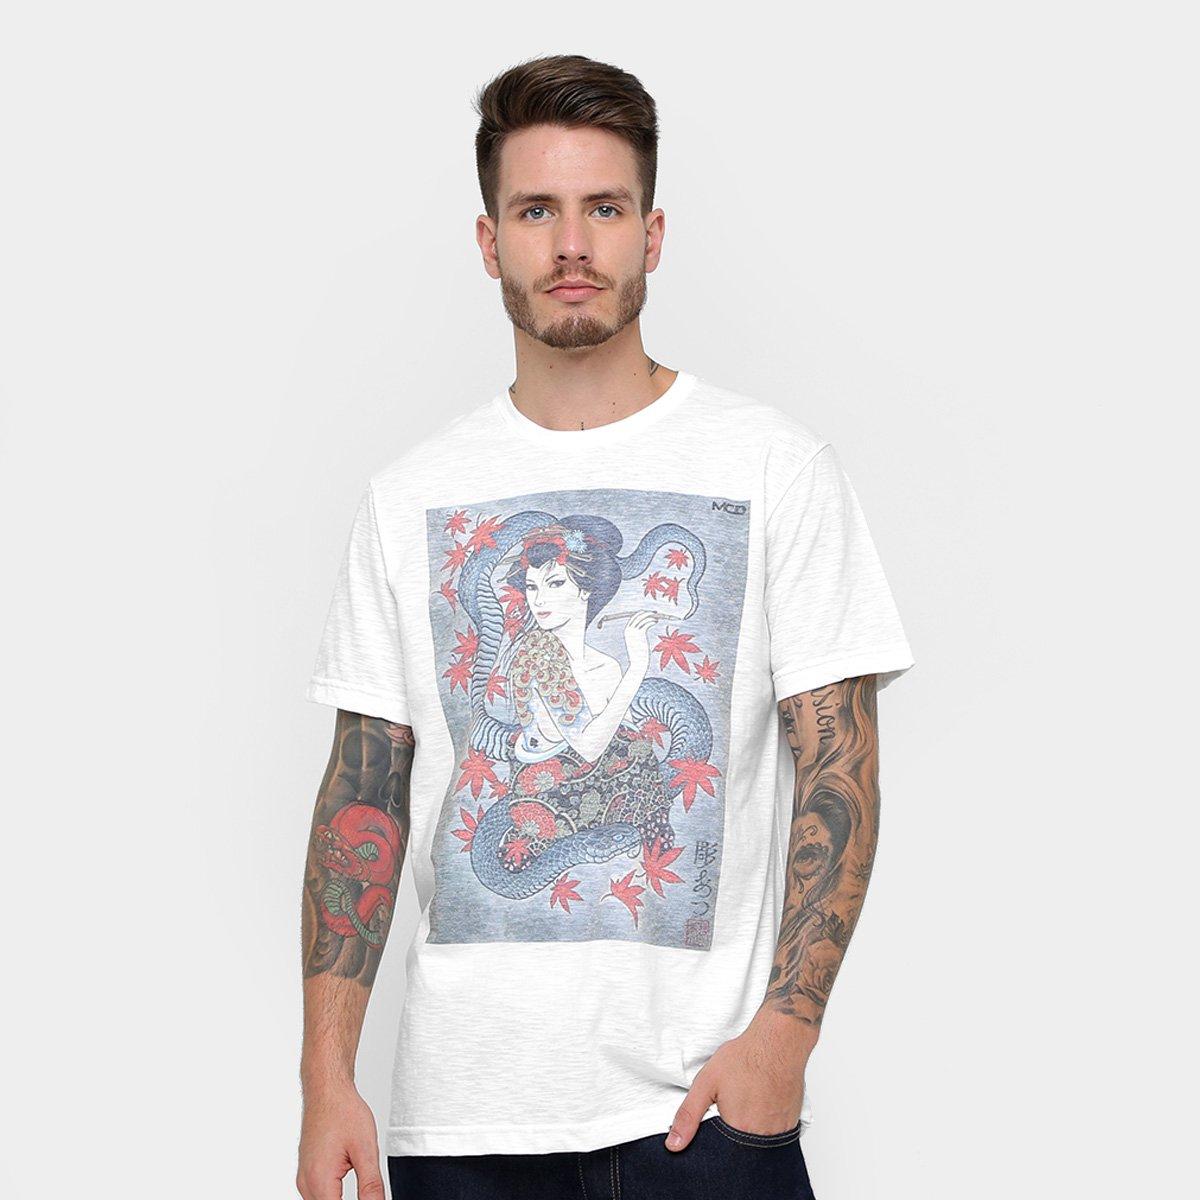 e810c9681db6f Camiseta MCD Especial Body Tattoo Gueixa Christian Ar Masculina - Compre  Agora